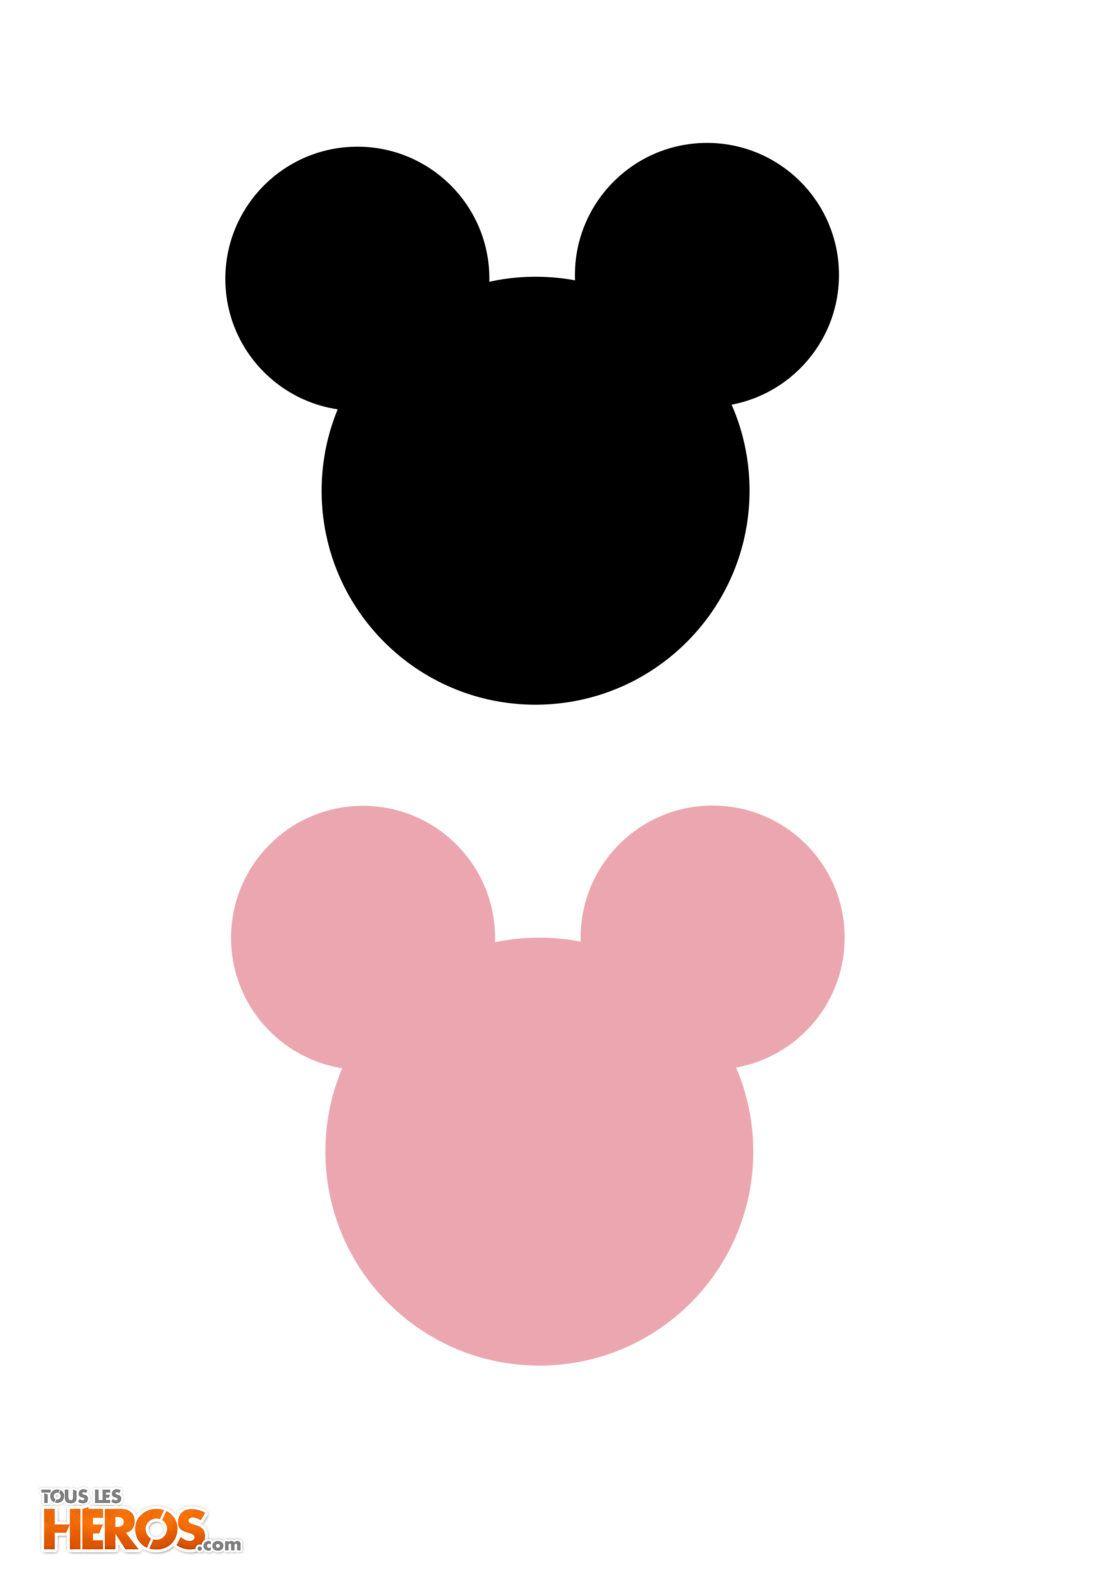 les têtes Mickey et minnie à imprimer pour faire des activités